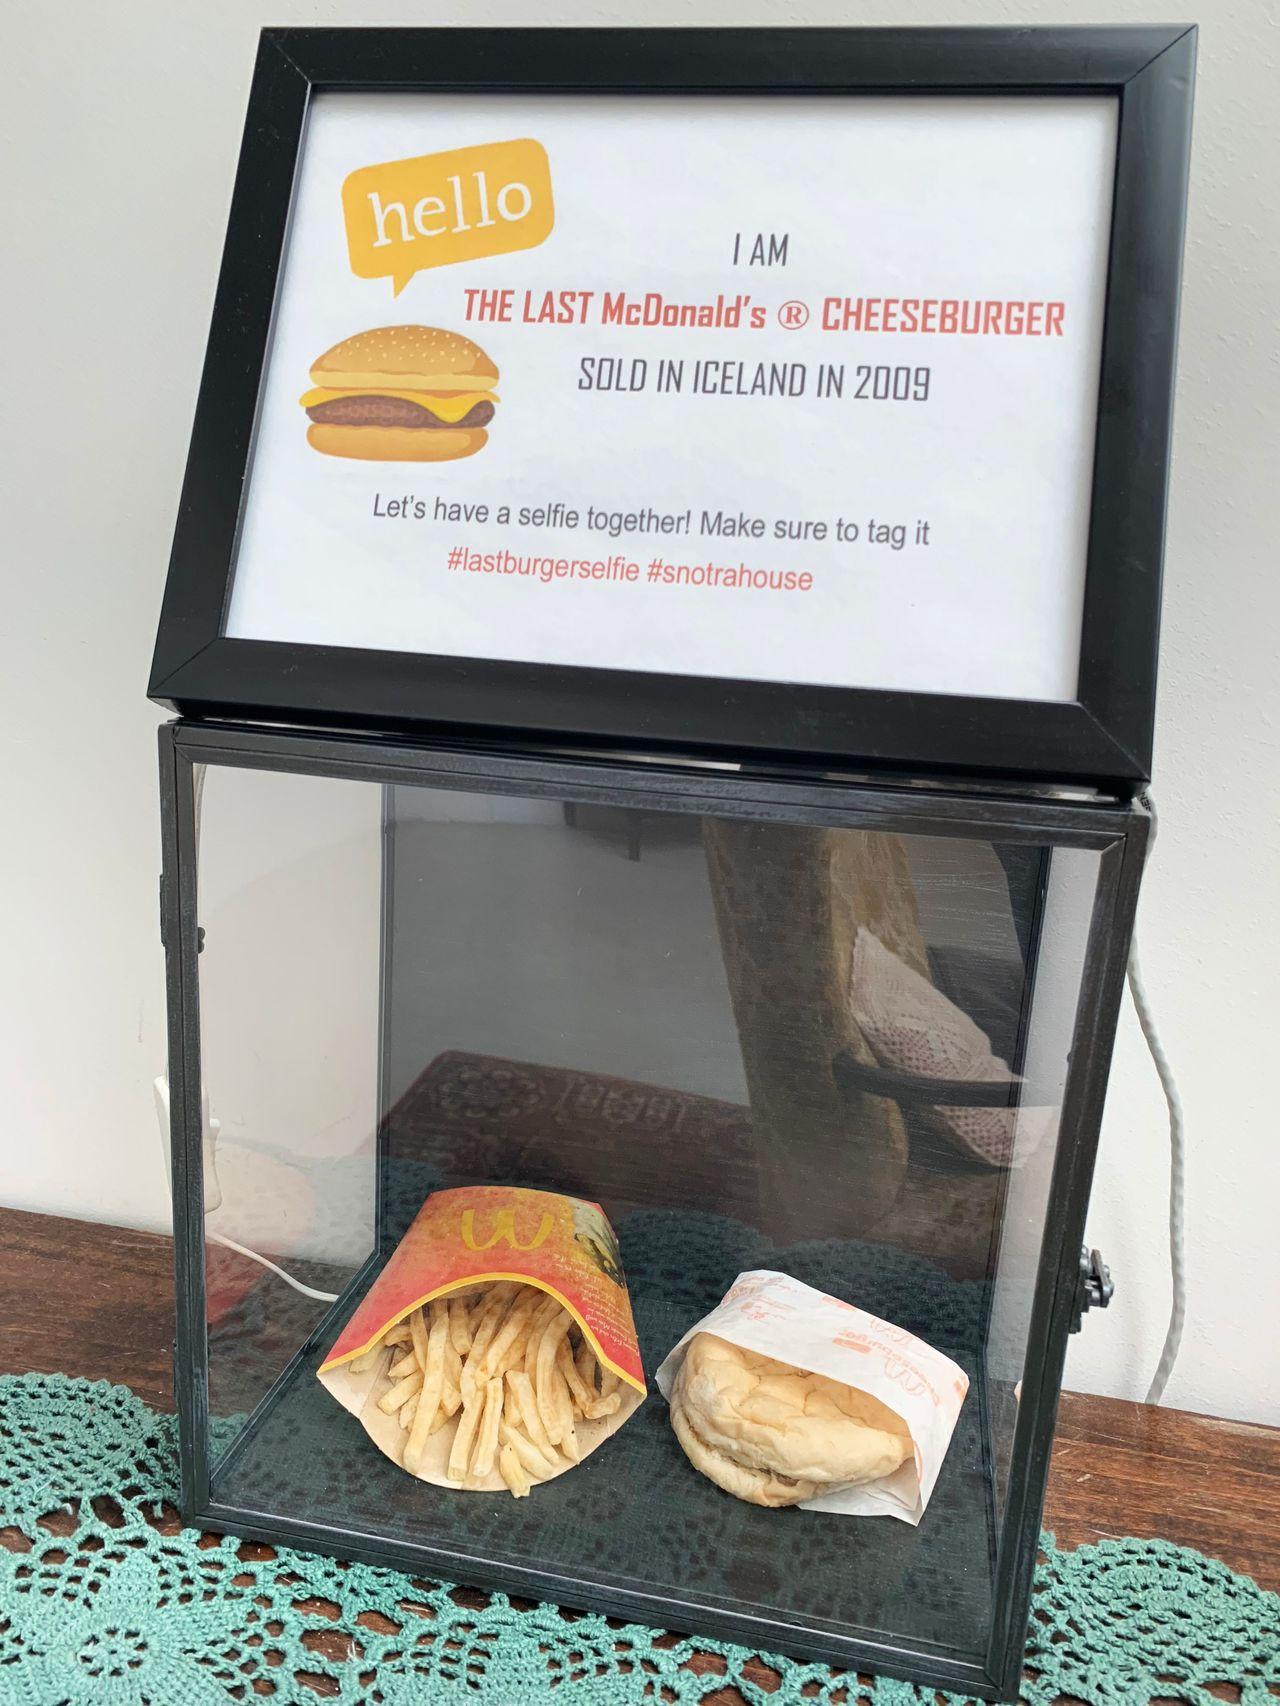 美國速食連鎖店麥當勞十年前在冰島關閉最後一家分店,當時一名顧客決定買下最後一份漢...